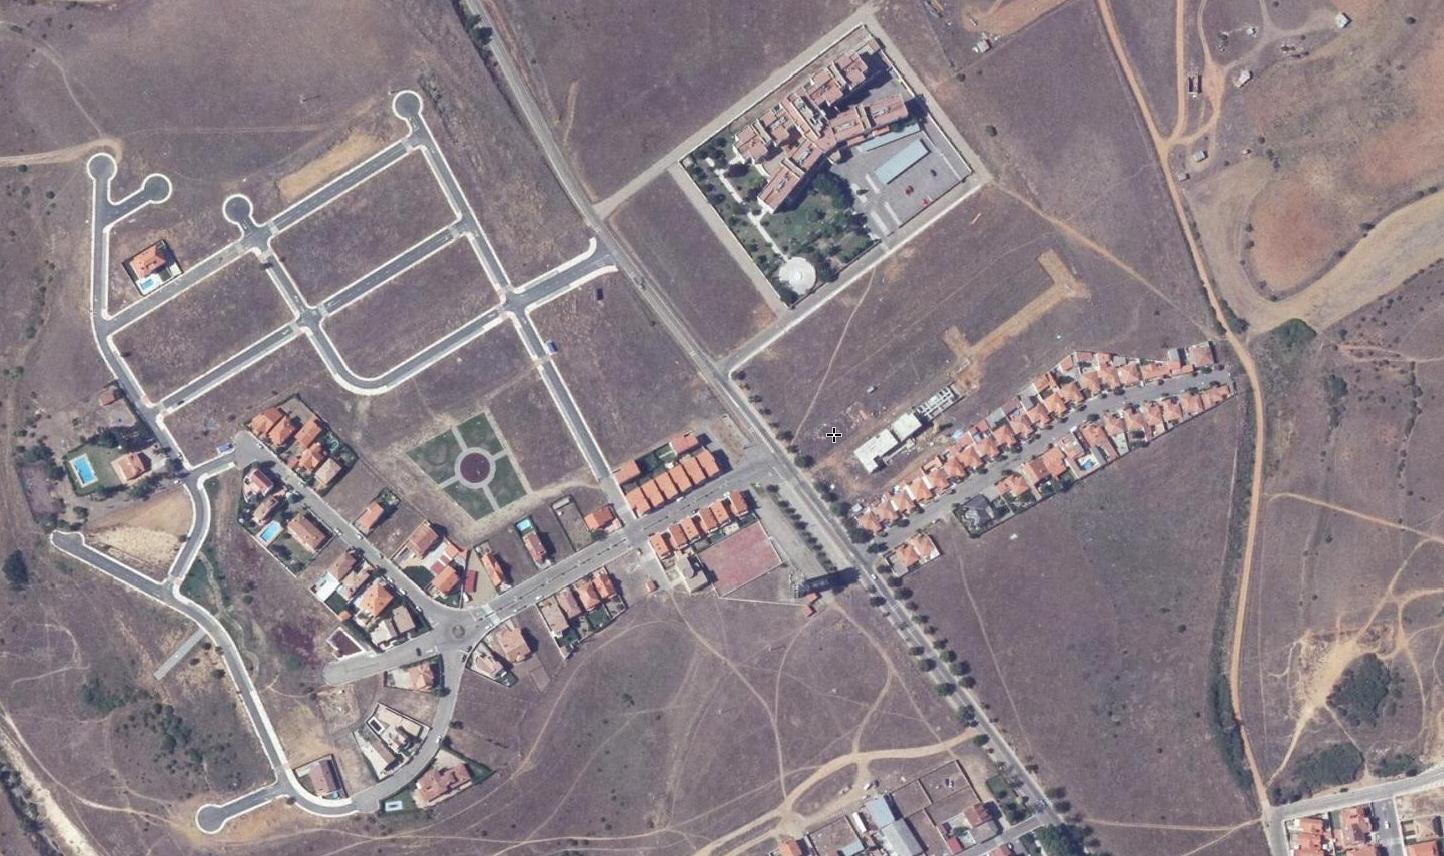 benavente, zamora, león-benavente, después, urbanismo, planeamiento, urbano, desastre, urbanístico, construcción, rotondas, carretera